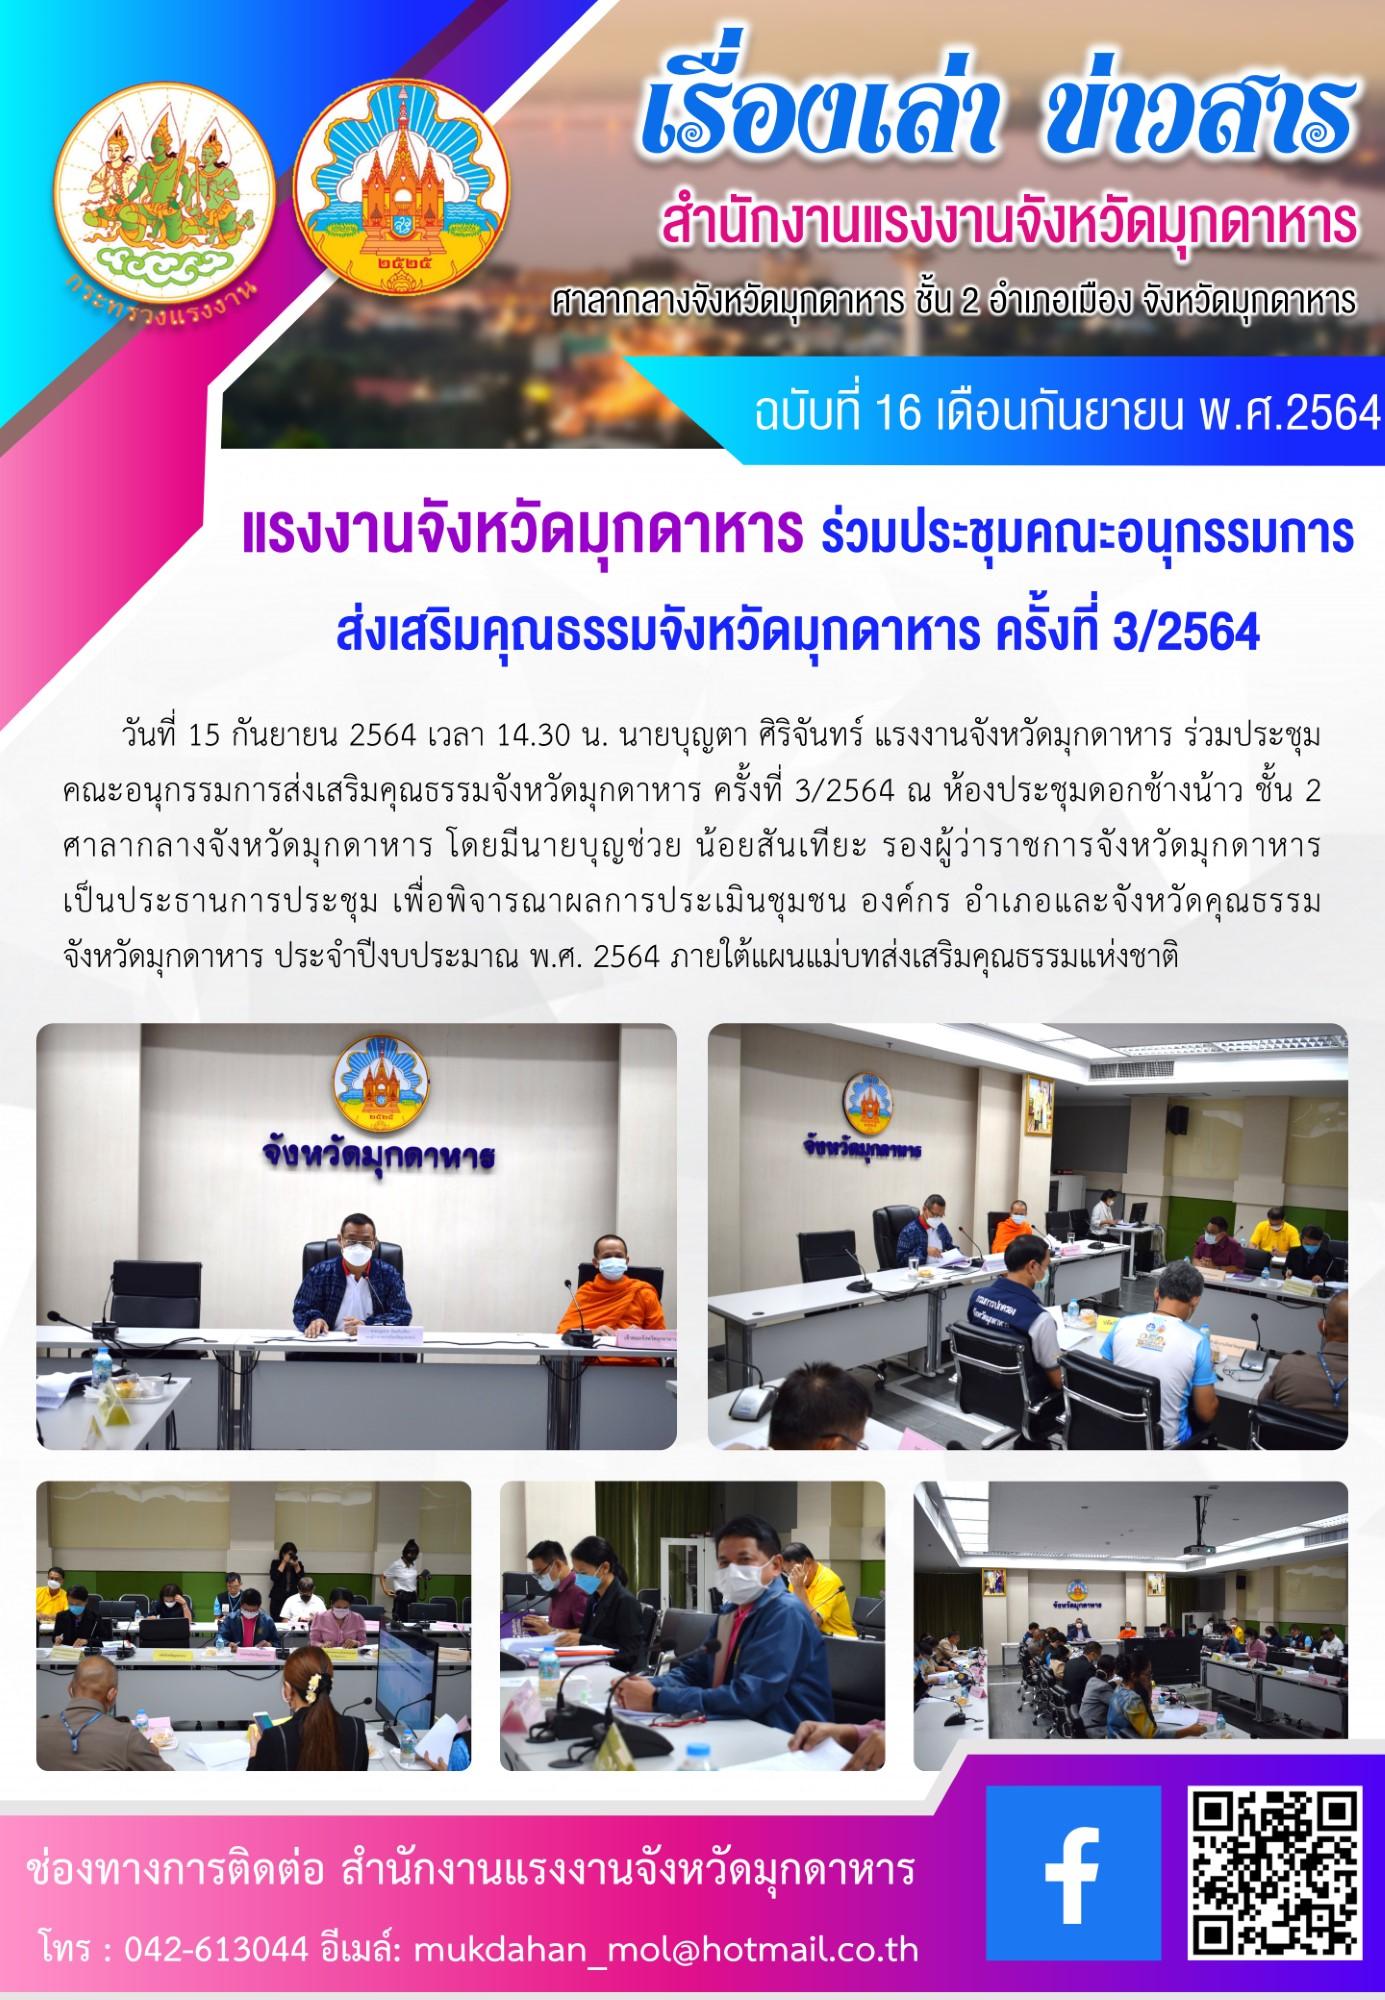 แรงงานจังหวัดมุกดาหาร ร่วมประชุมคณะอนุกรรมการส่งเสริมคุณธรรมจังหวัดมุกดาหาร ครั้งที่ 3/2564